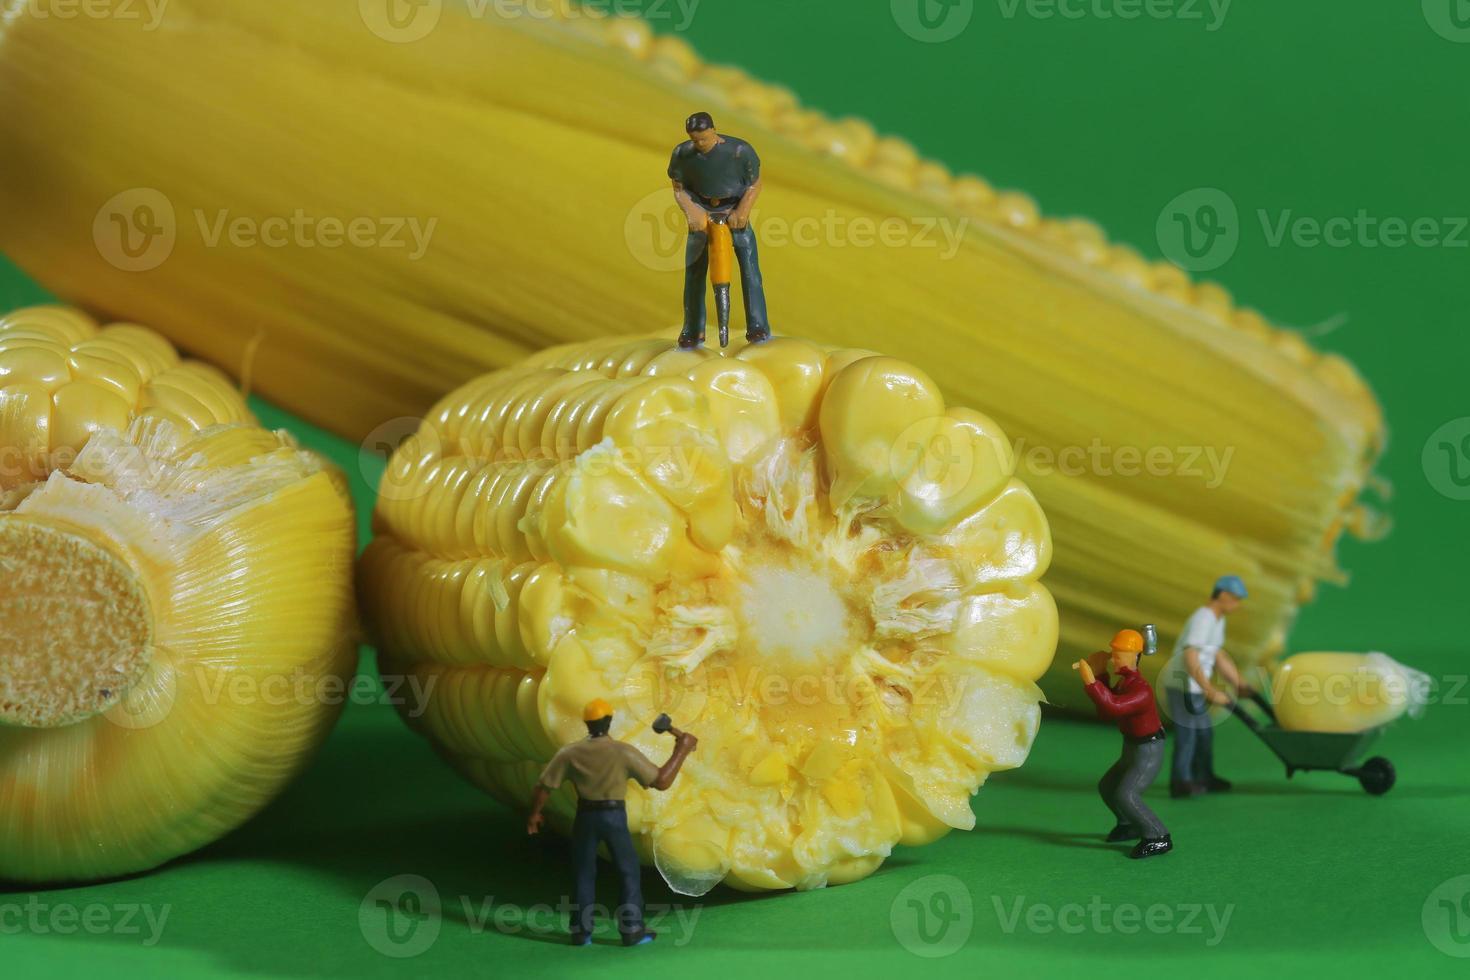 miniatuur bouwvakkers in conceptuele voedselbeelden met maïs foto